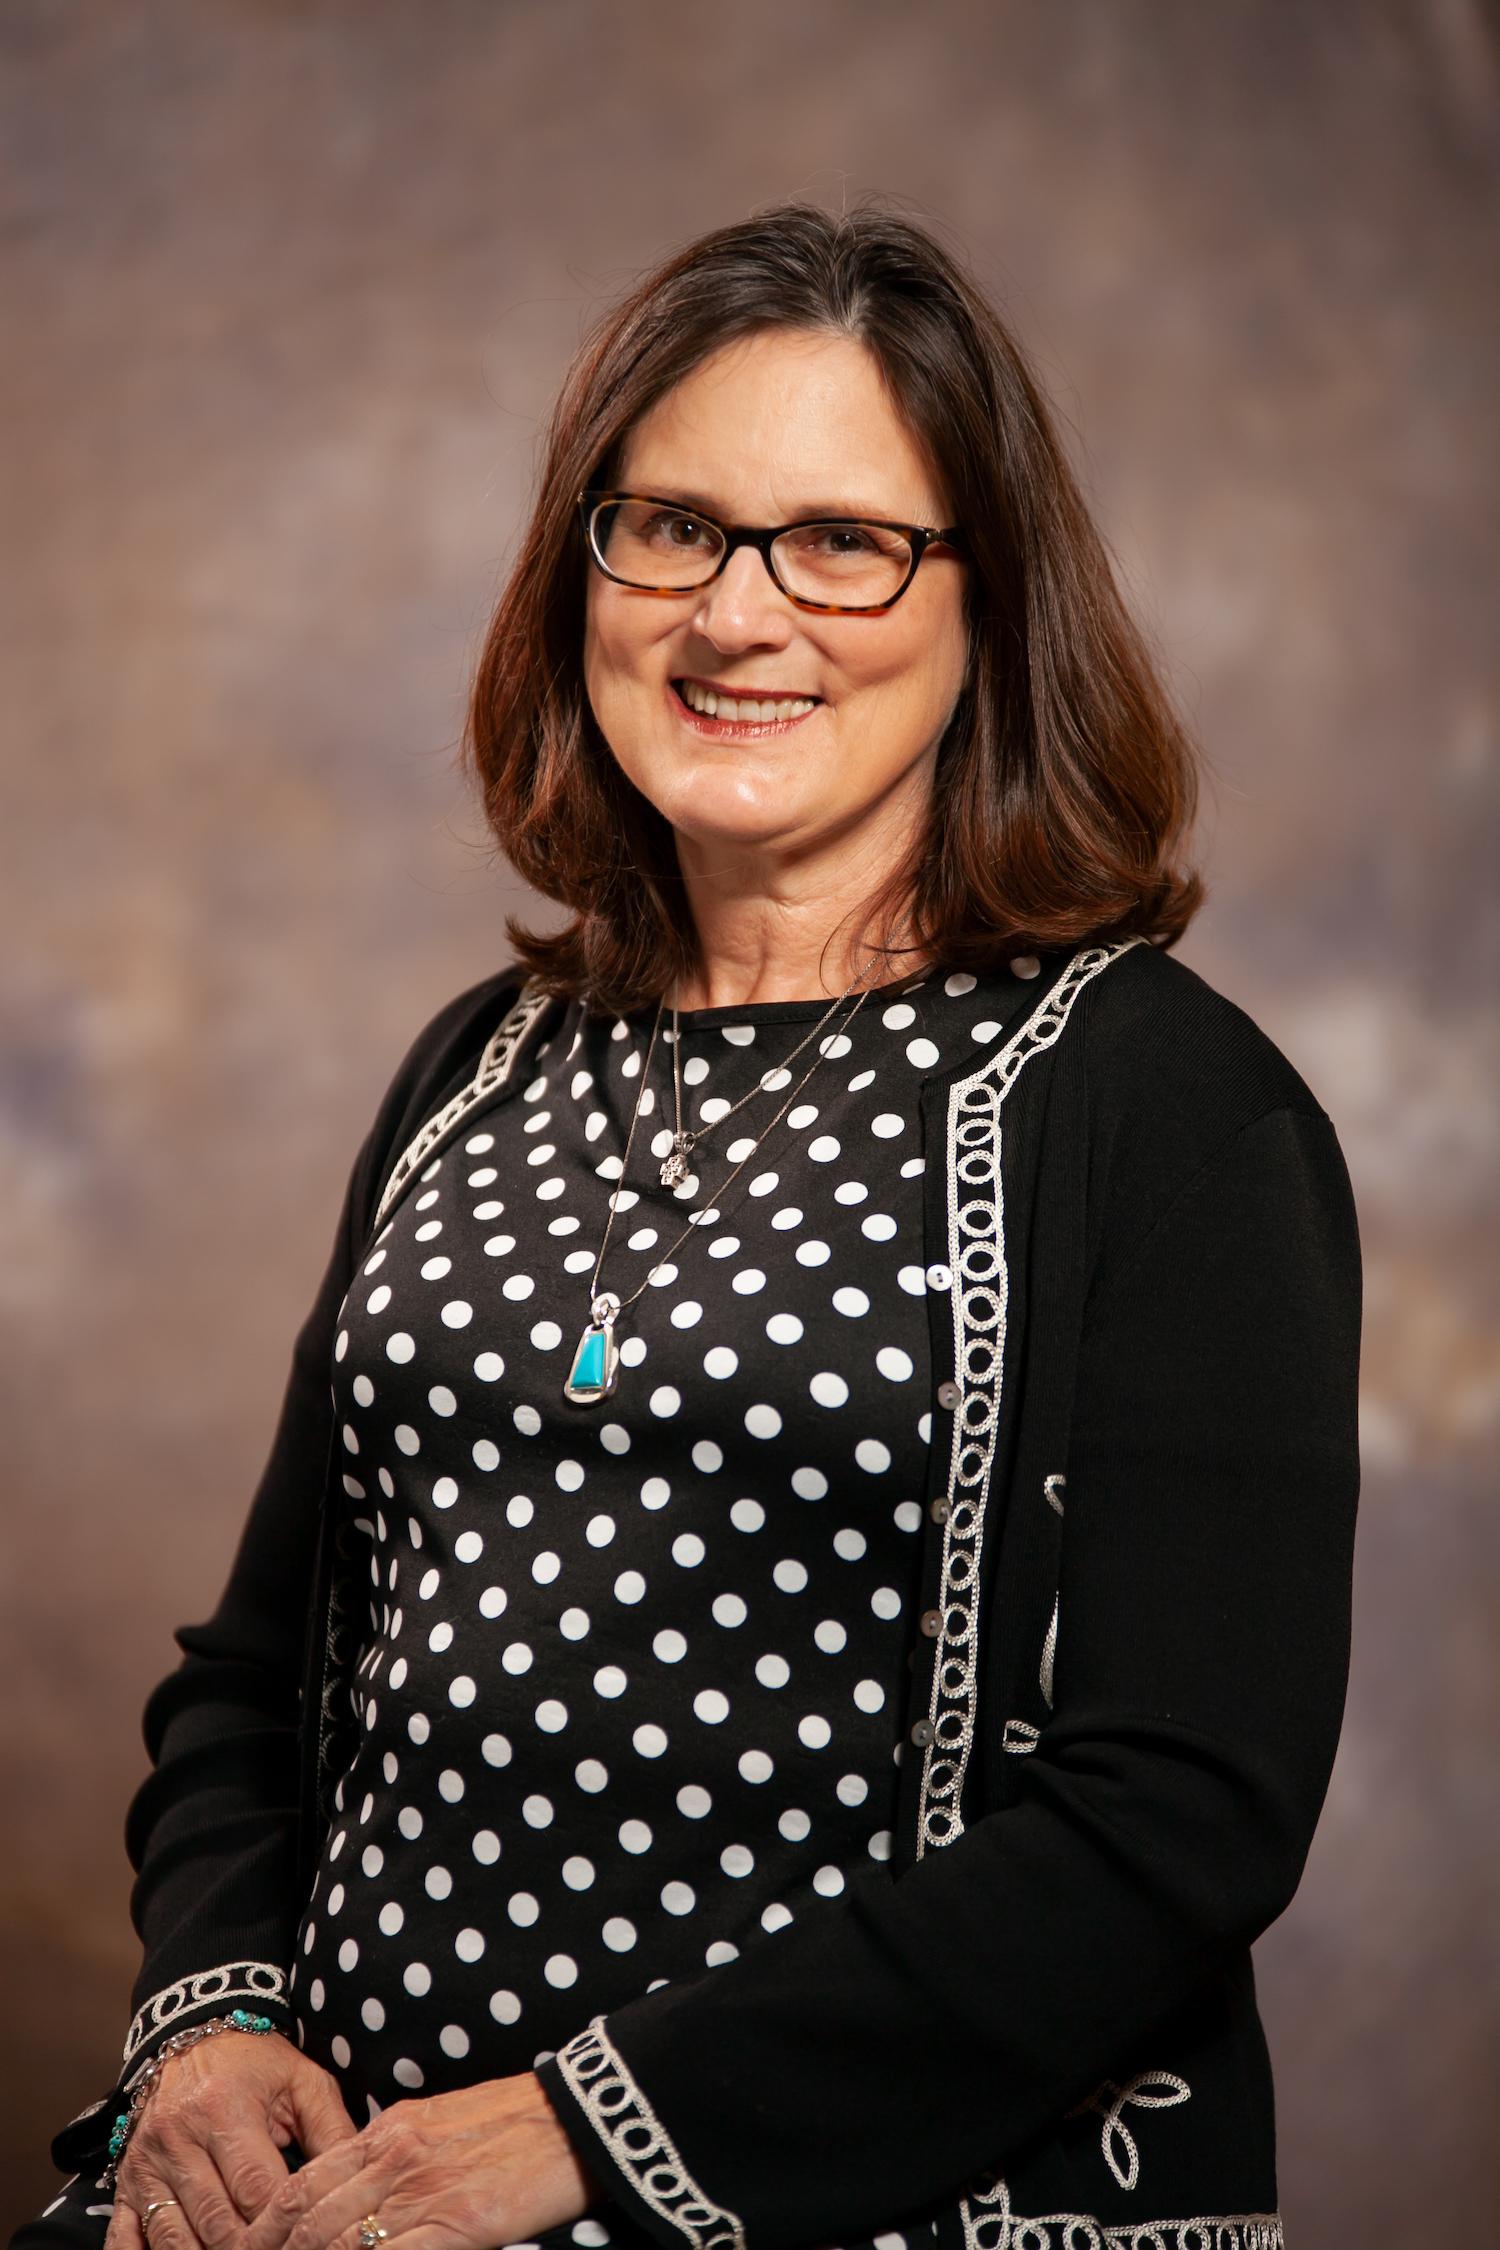 Denise Hamet